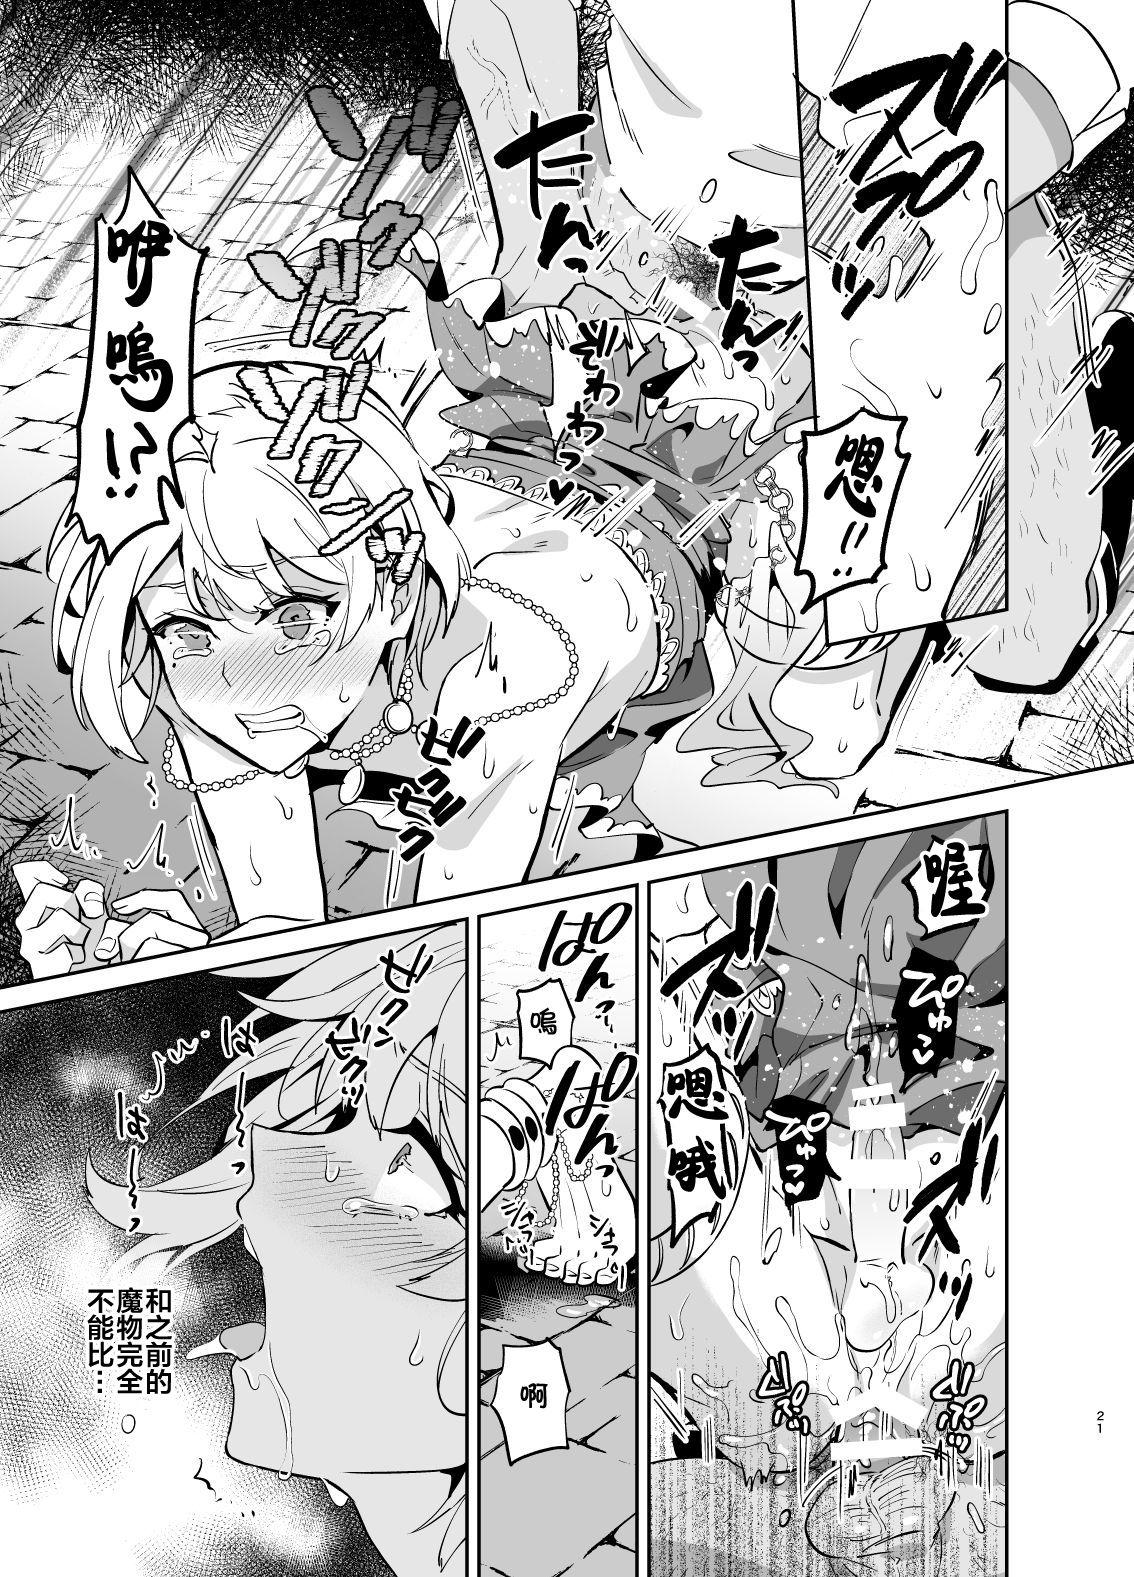 Kedakaki Gizoku wa Kainarasarenai Yamiichi Sennyuu Hen 21